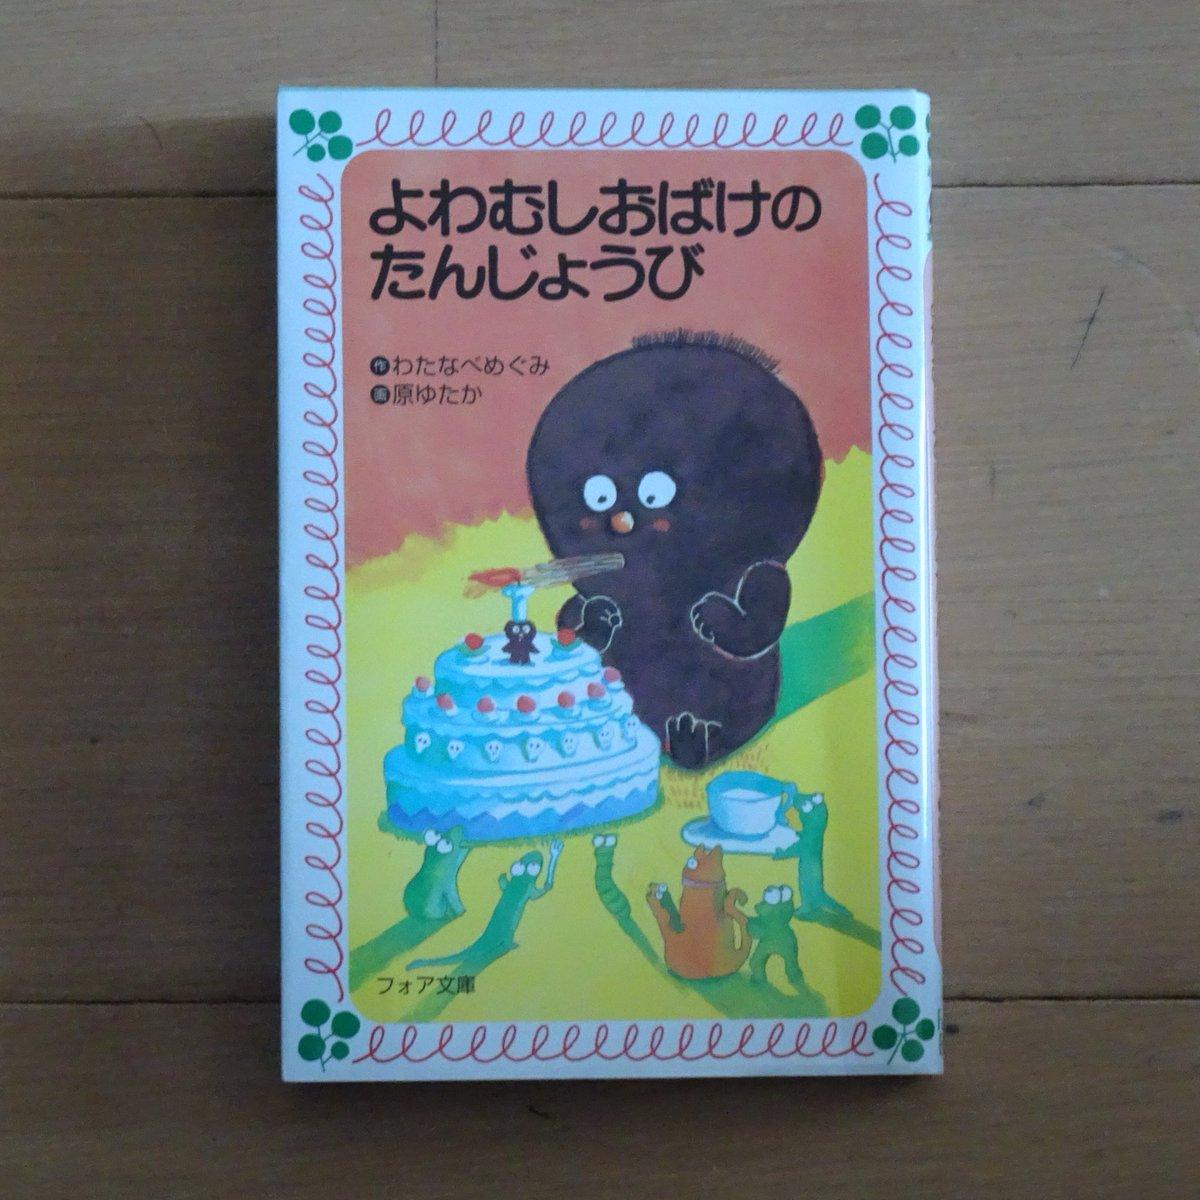 test ツイッターメディア - 妻が何かの懸賞で当たった本です。 「よわむしおばけ」って、NHKアニメ「おばけのホーリー」の原作じゃん! と興奮しました。 相原勇のオープニングテーマソングも印象的なアニメでしたね。 https://t.co/UoGmSzUi3K